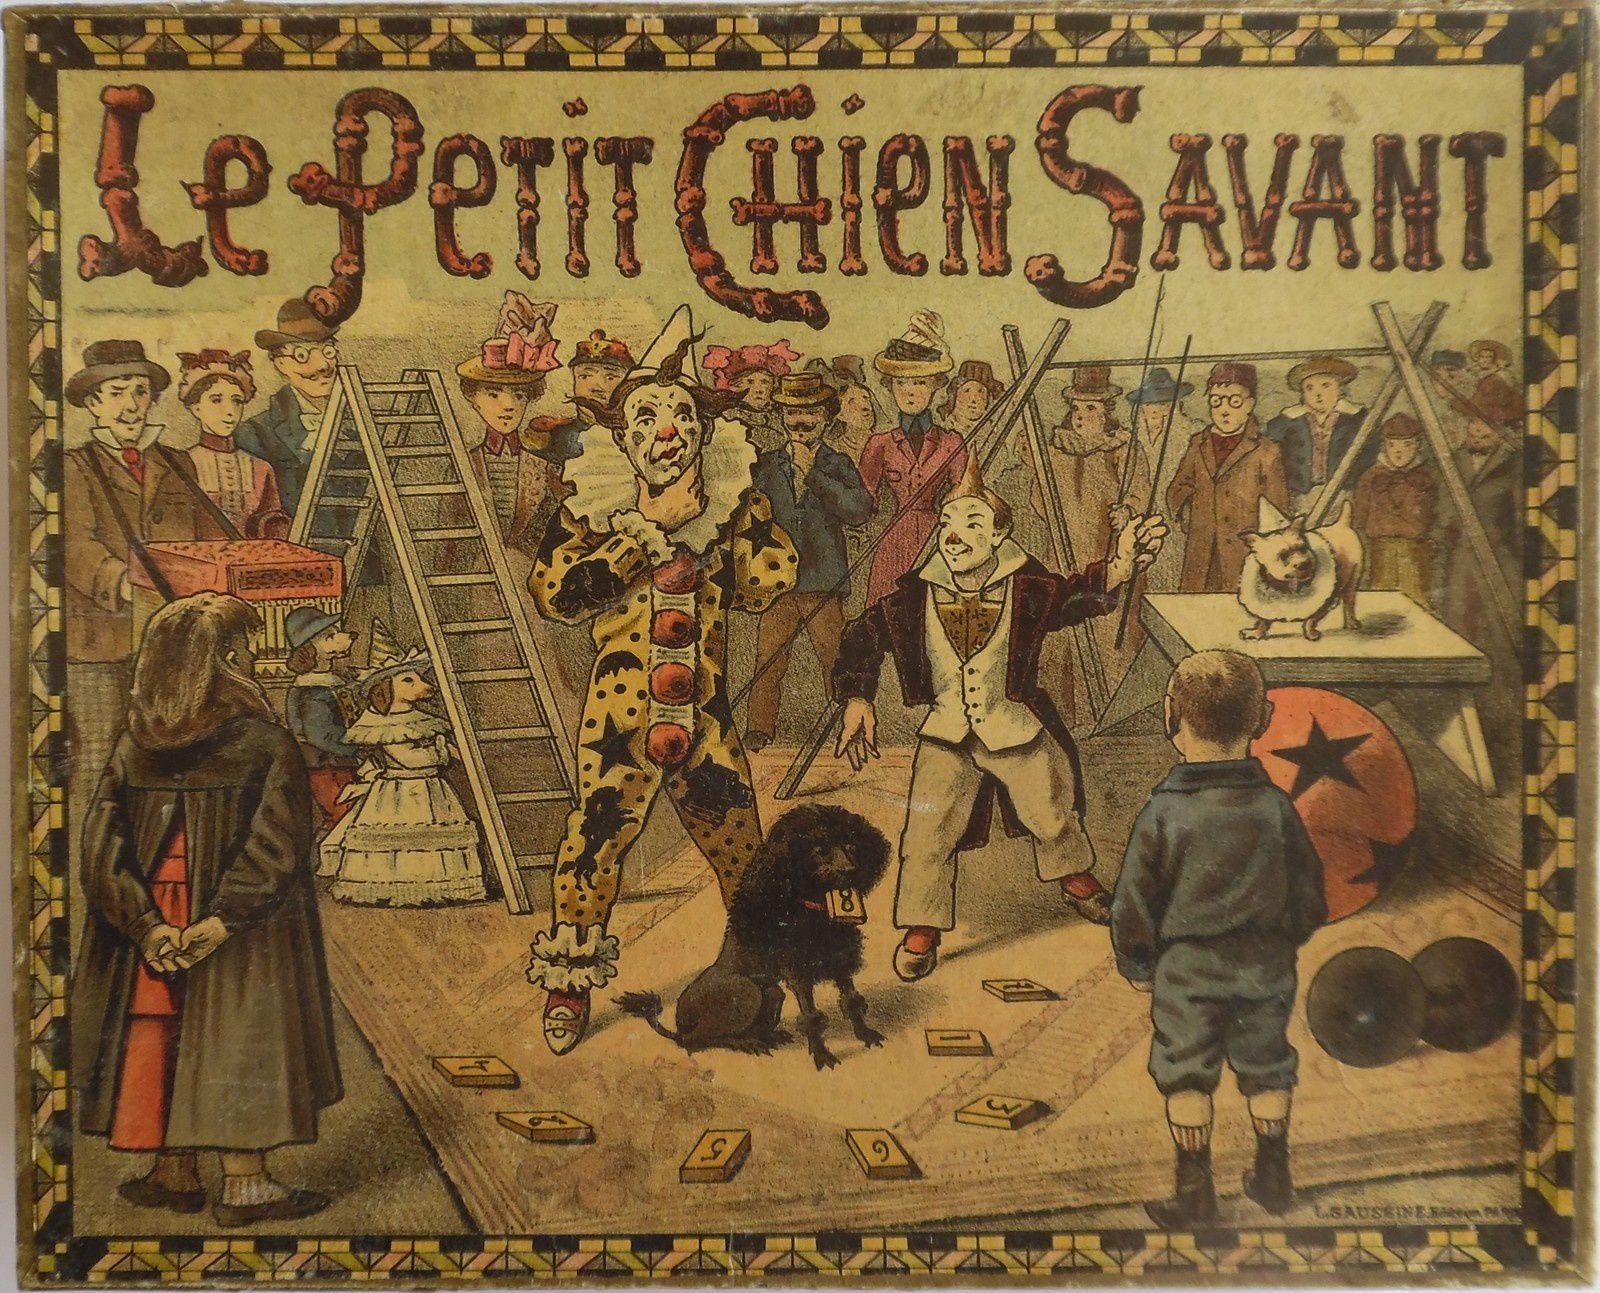 le petit chien savant, par L. Saussine